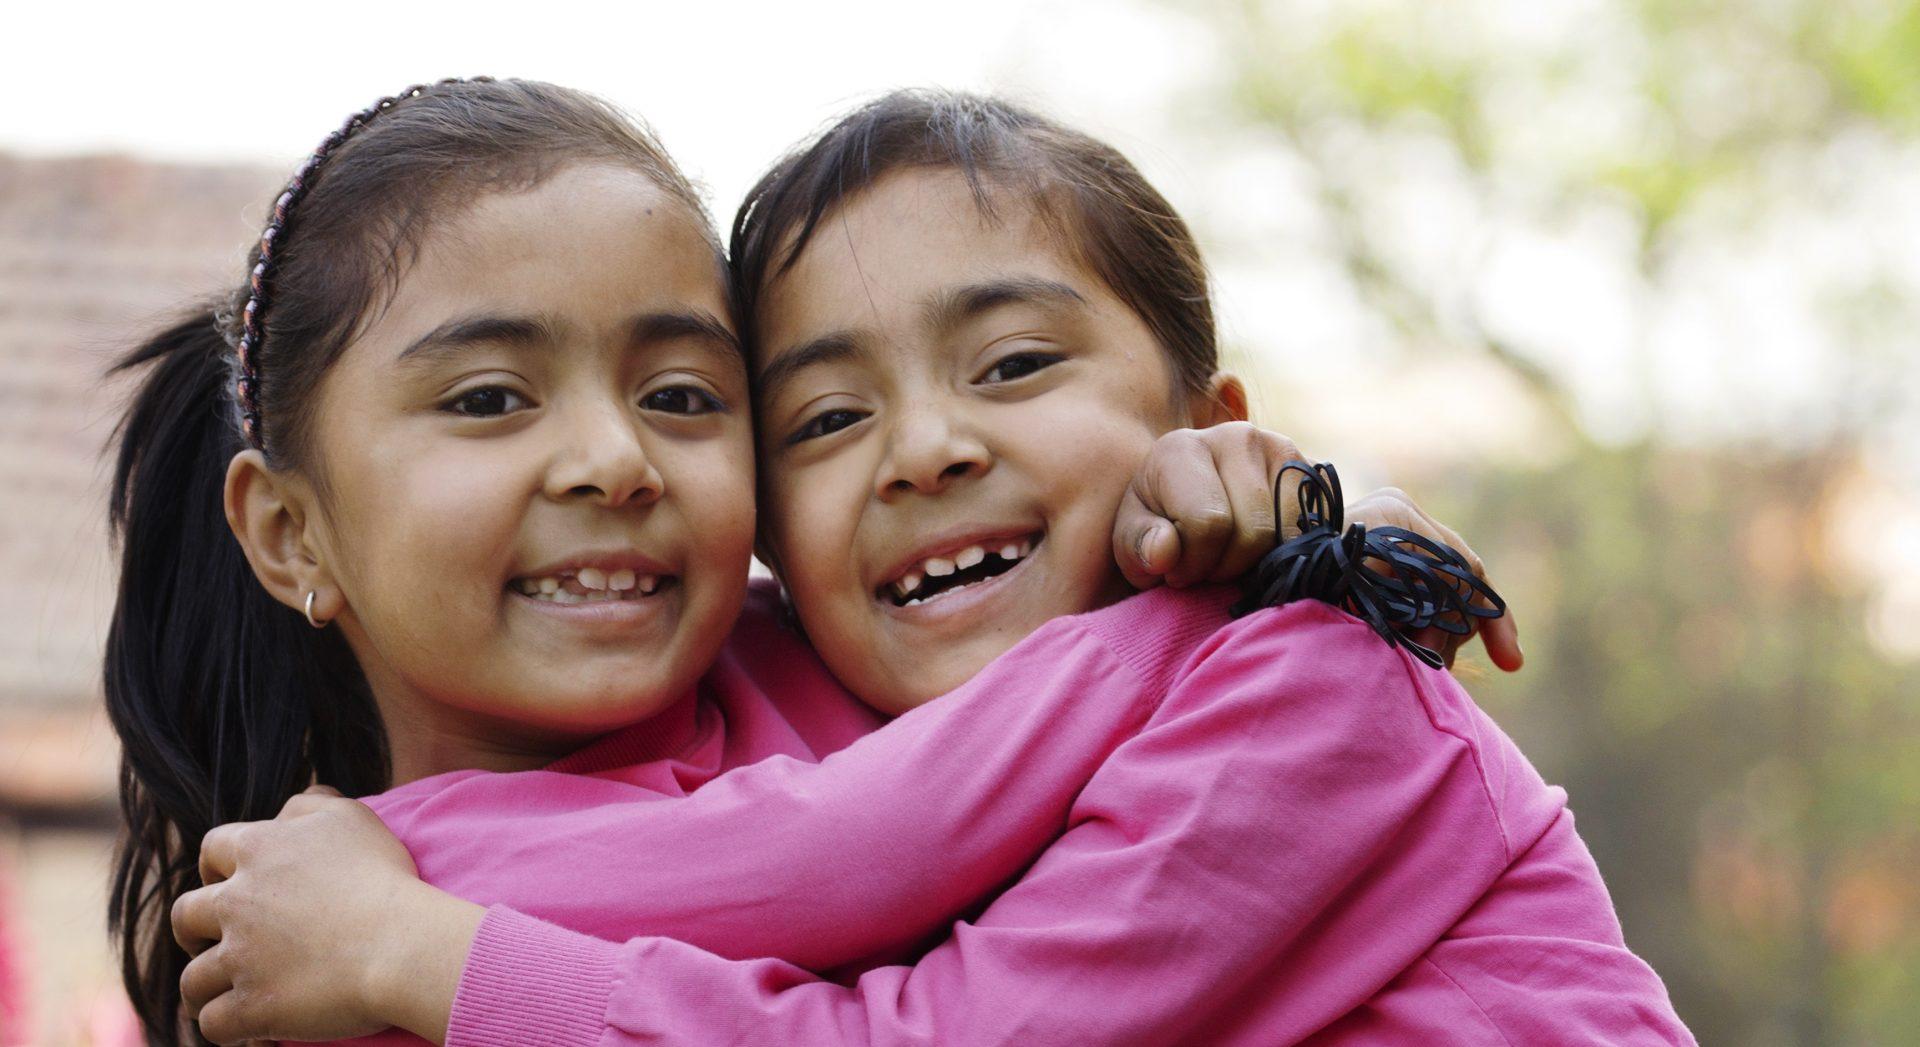 I Omvendt Julekalender møder skoleeleverne blandt andet tvillingerne her. De fik en hård start på livet, men bor nu i en SOS-børneby, hvor de får kærlighed og omsorg. Foto: Nina Ruud